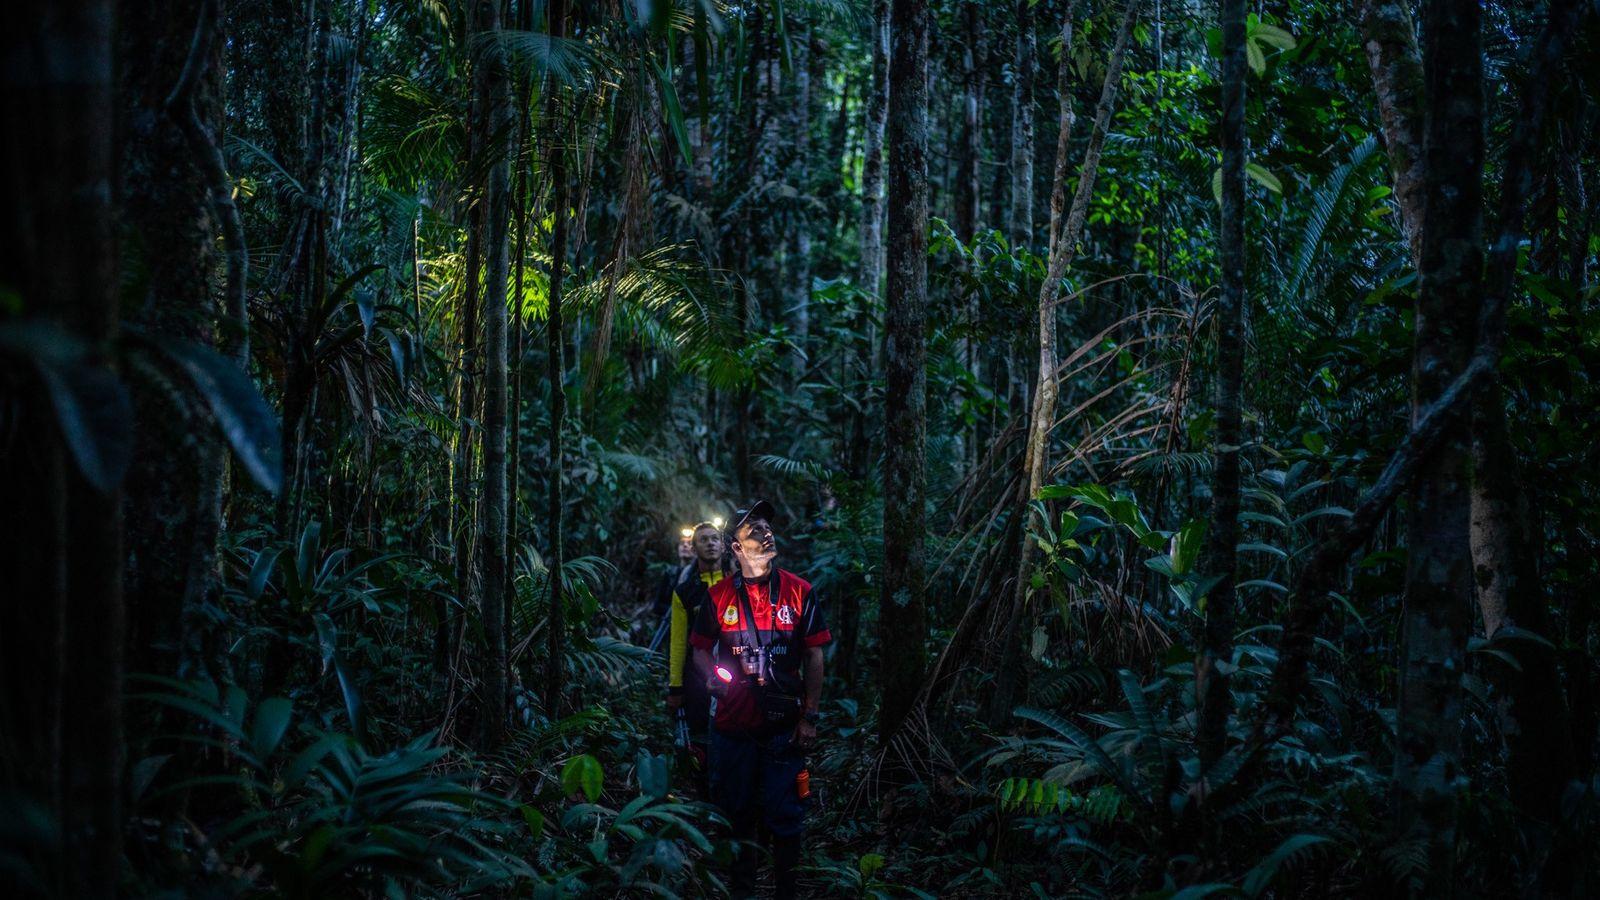 Ein Team aus Wissenschaftlern sucht in einem abgelegenen kolumbianischen Regenwald nach Eulen. Nach Jahrzehnten des Konflikts ...